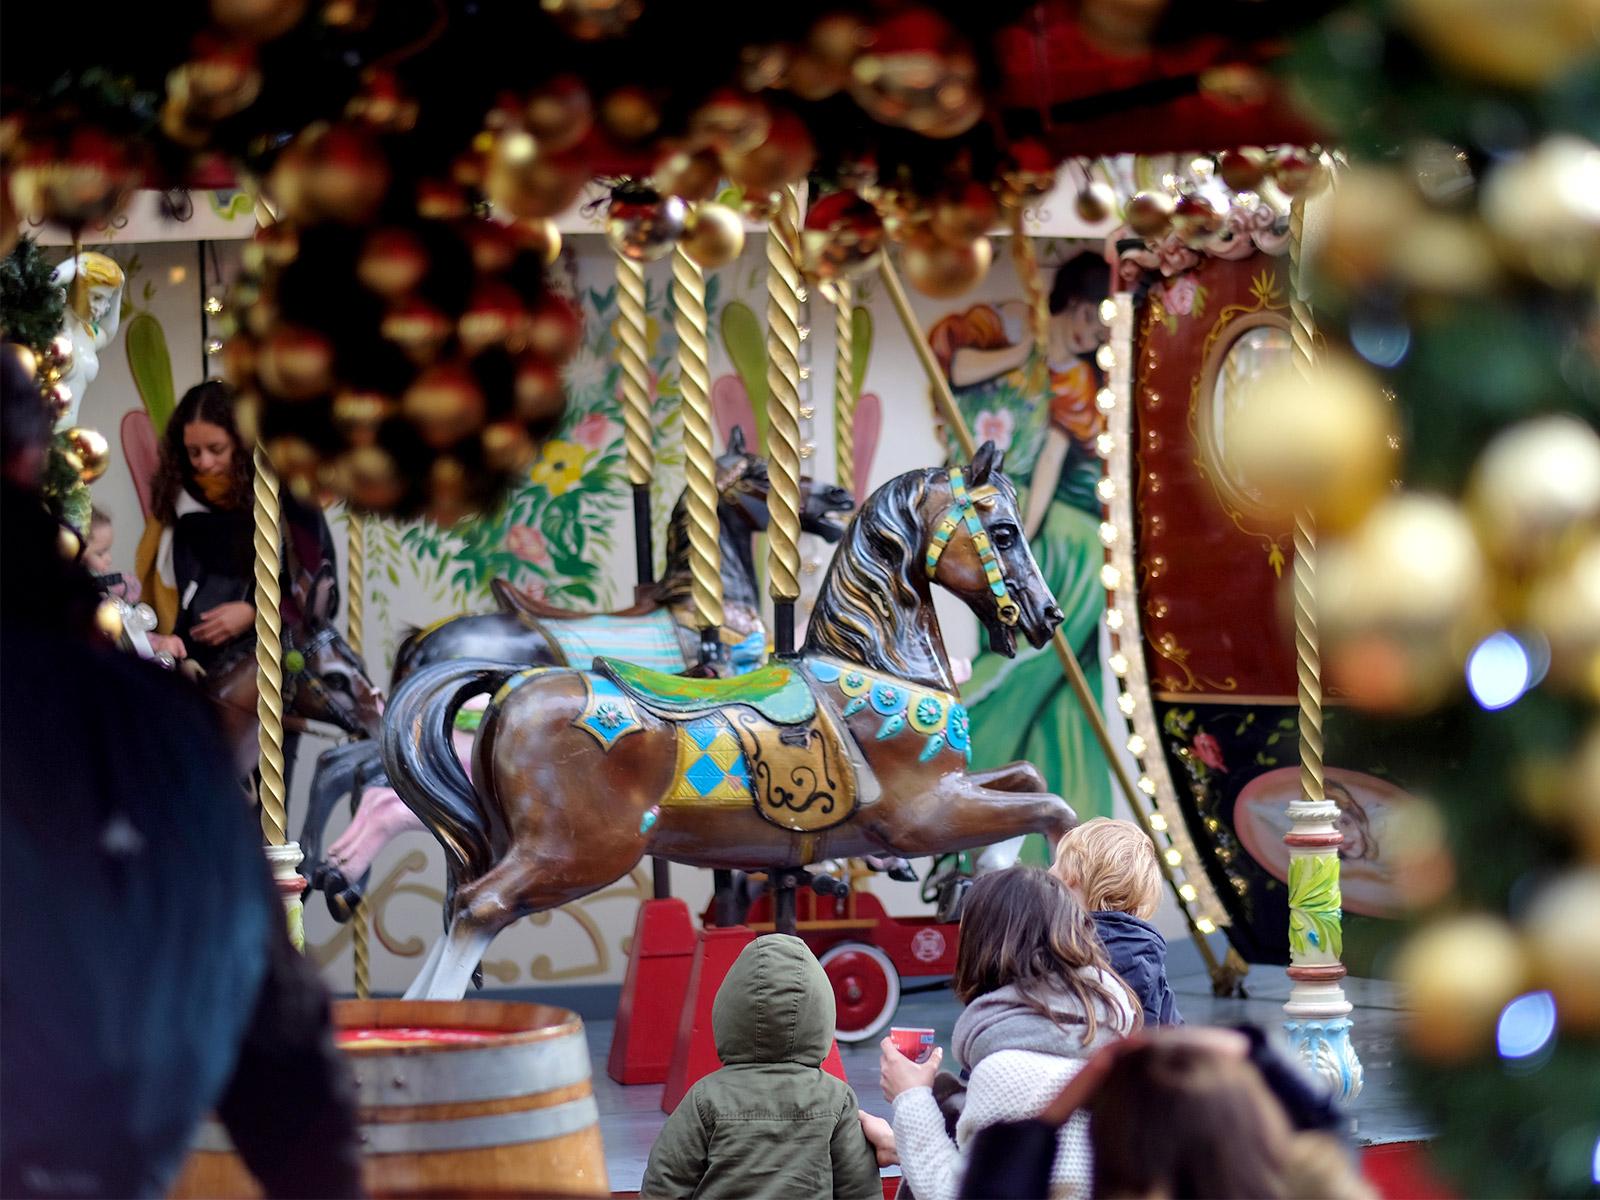 Noël à Nantes en 2019 avec le joli manège place Royale